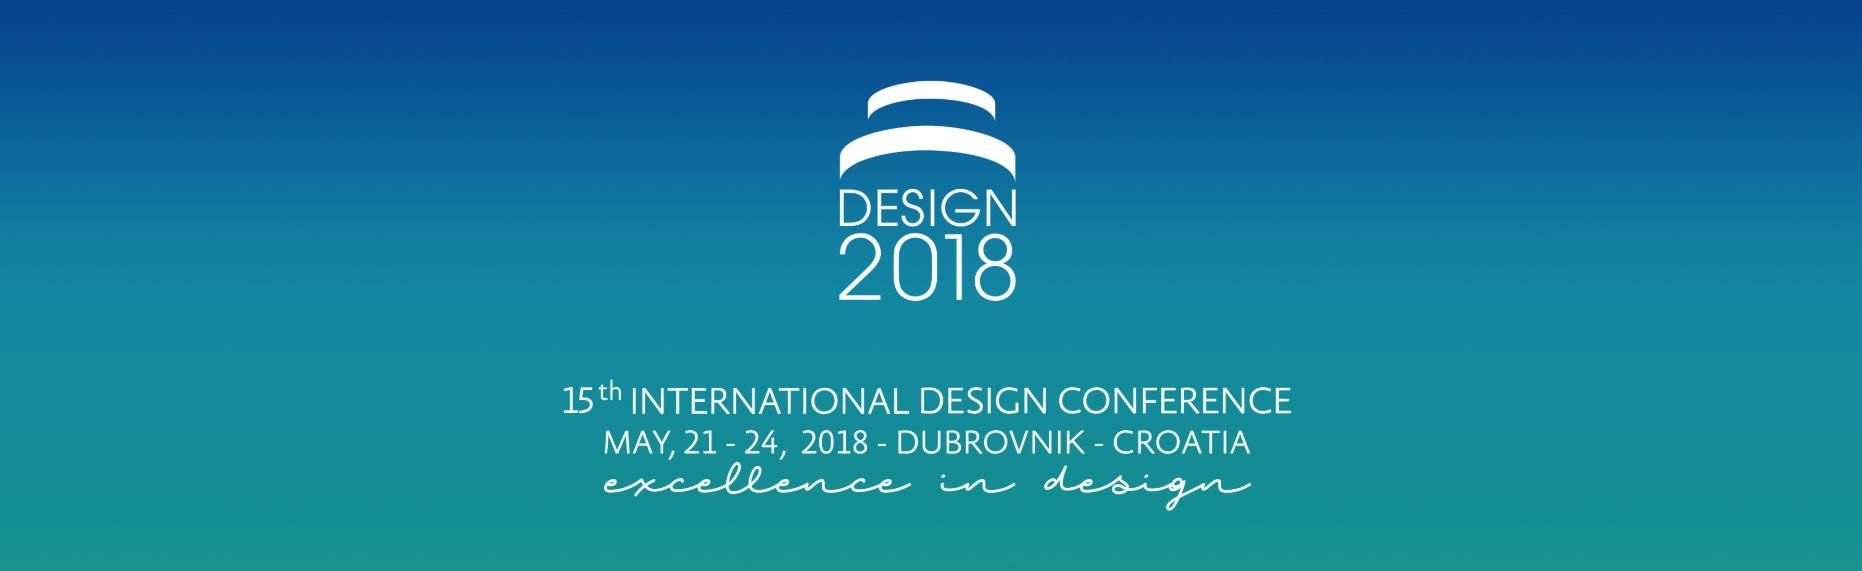 Međunarodna konferencija DESIGN 2018 u Gradu Dubrovniku